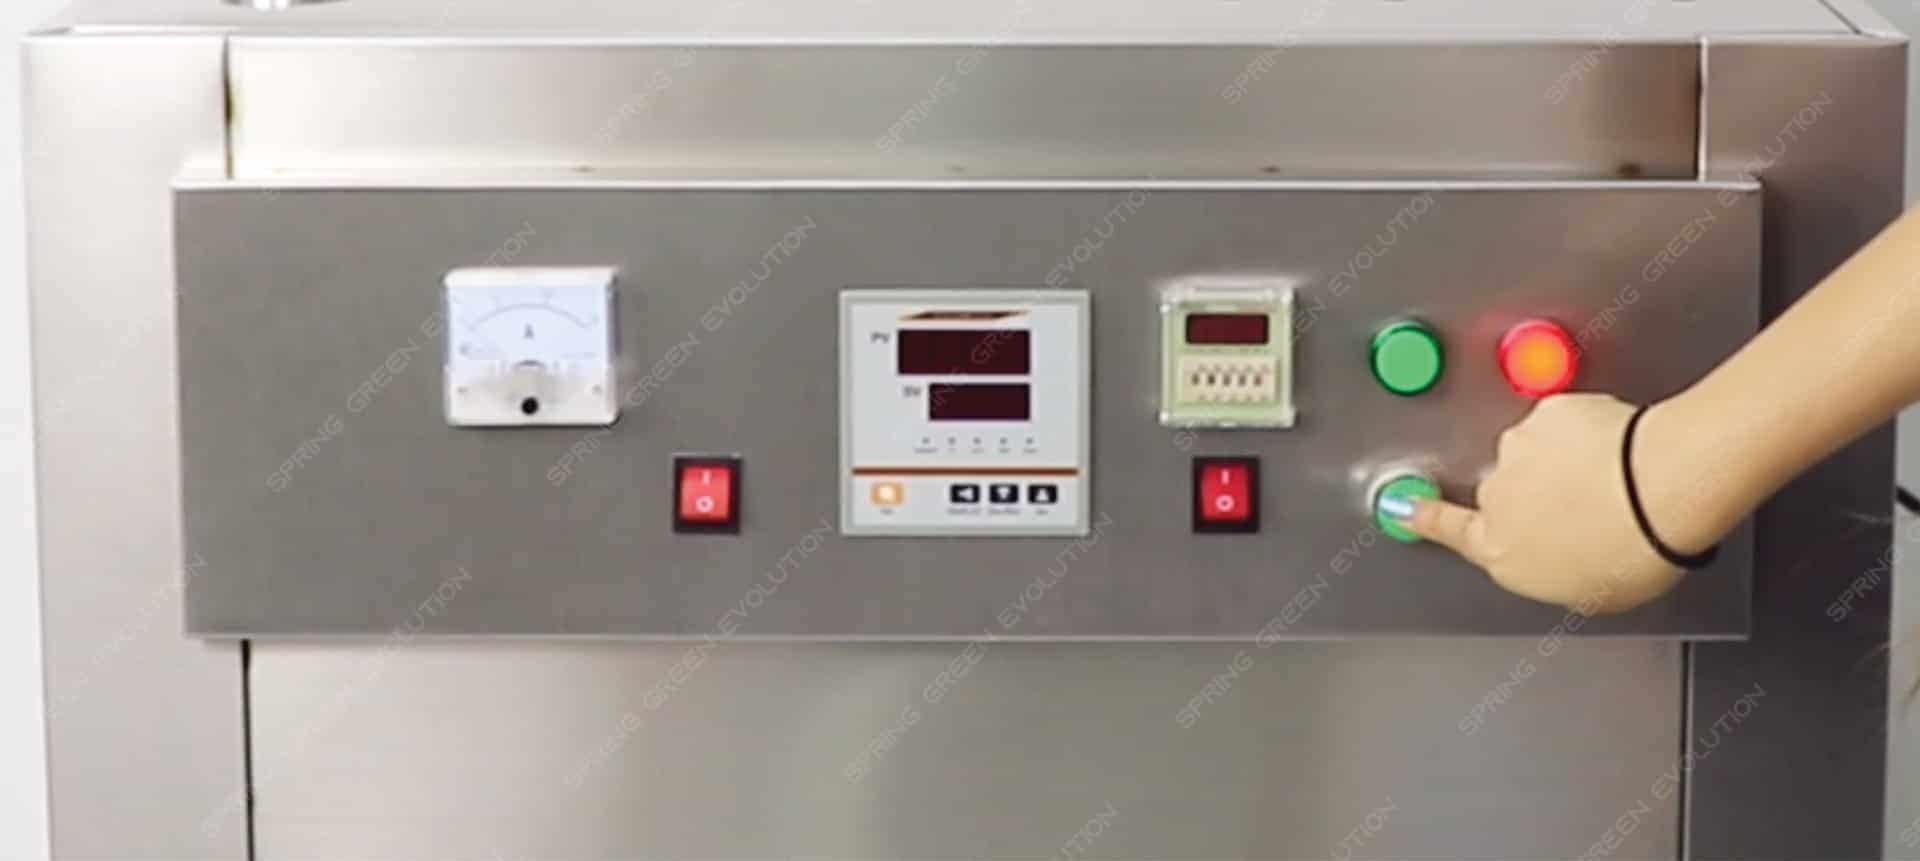 Máy sấy thực phẩm khí nóng công nghiệp GE - cài đặt thời gian và nhiệt độ làm việc